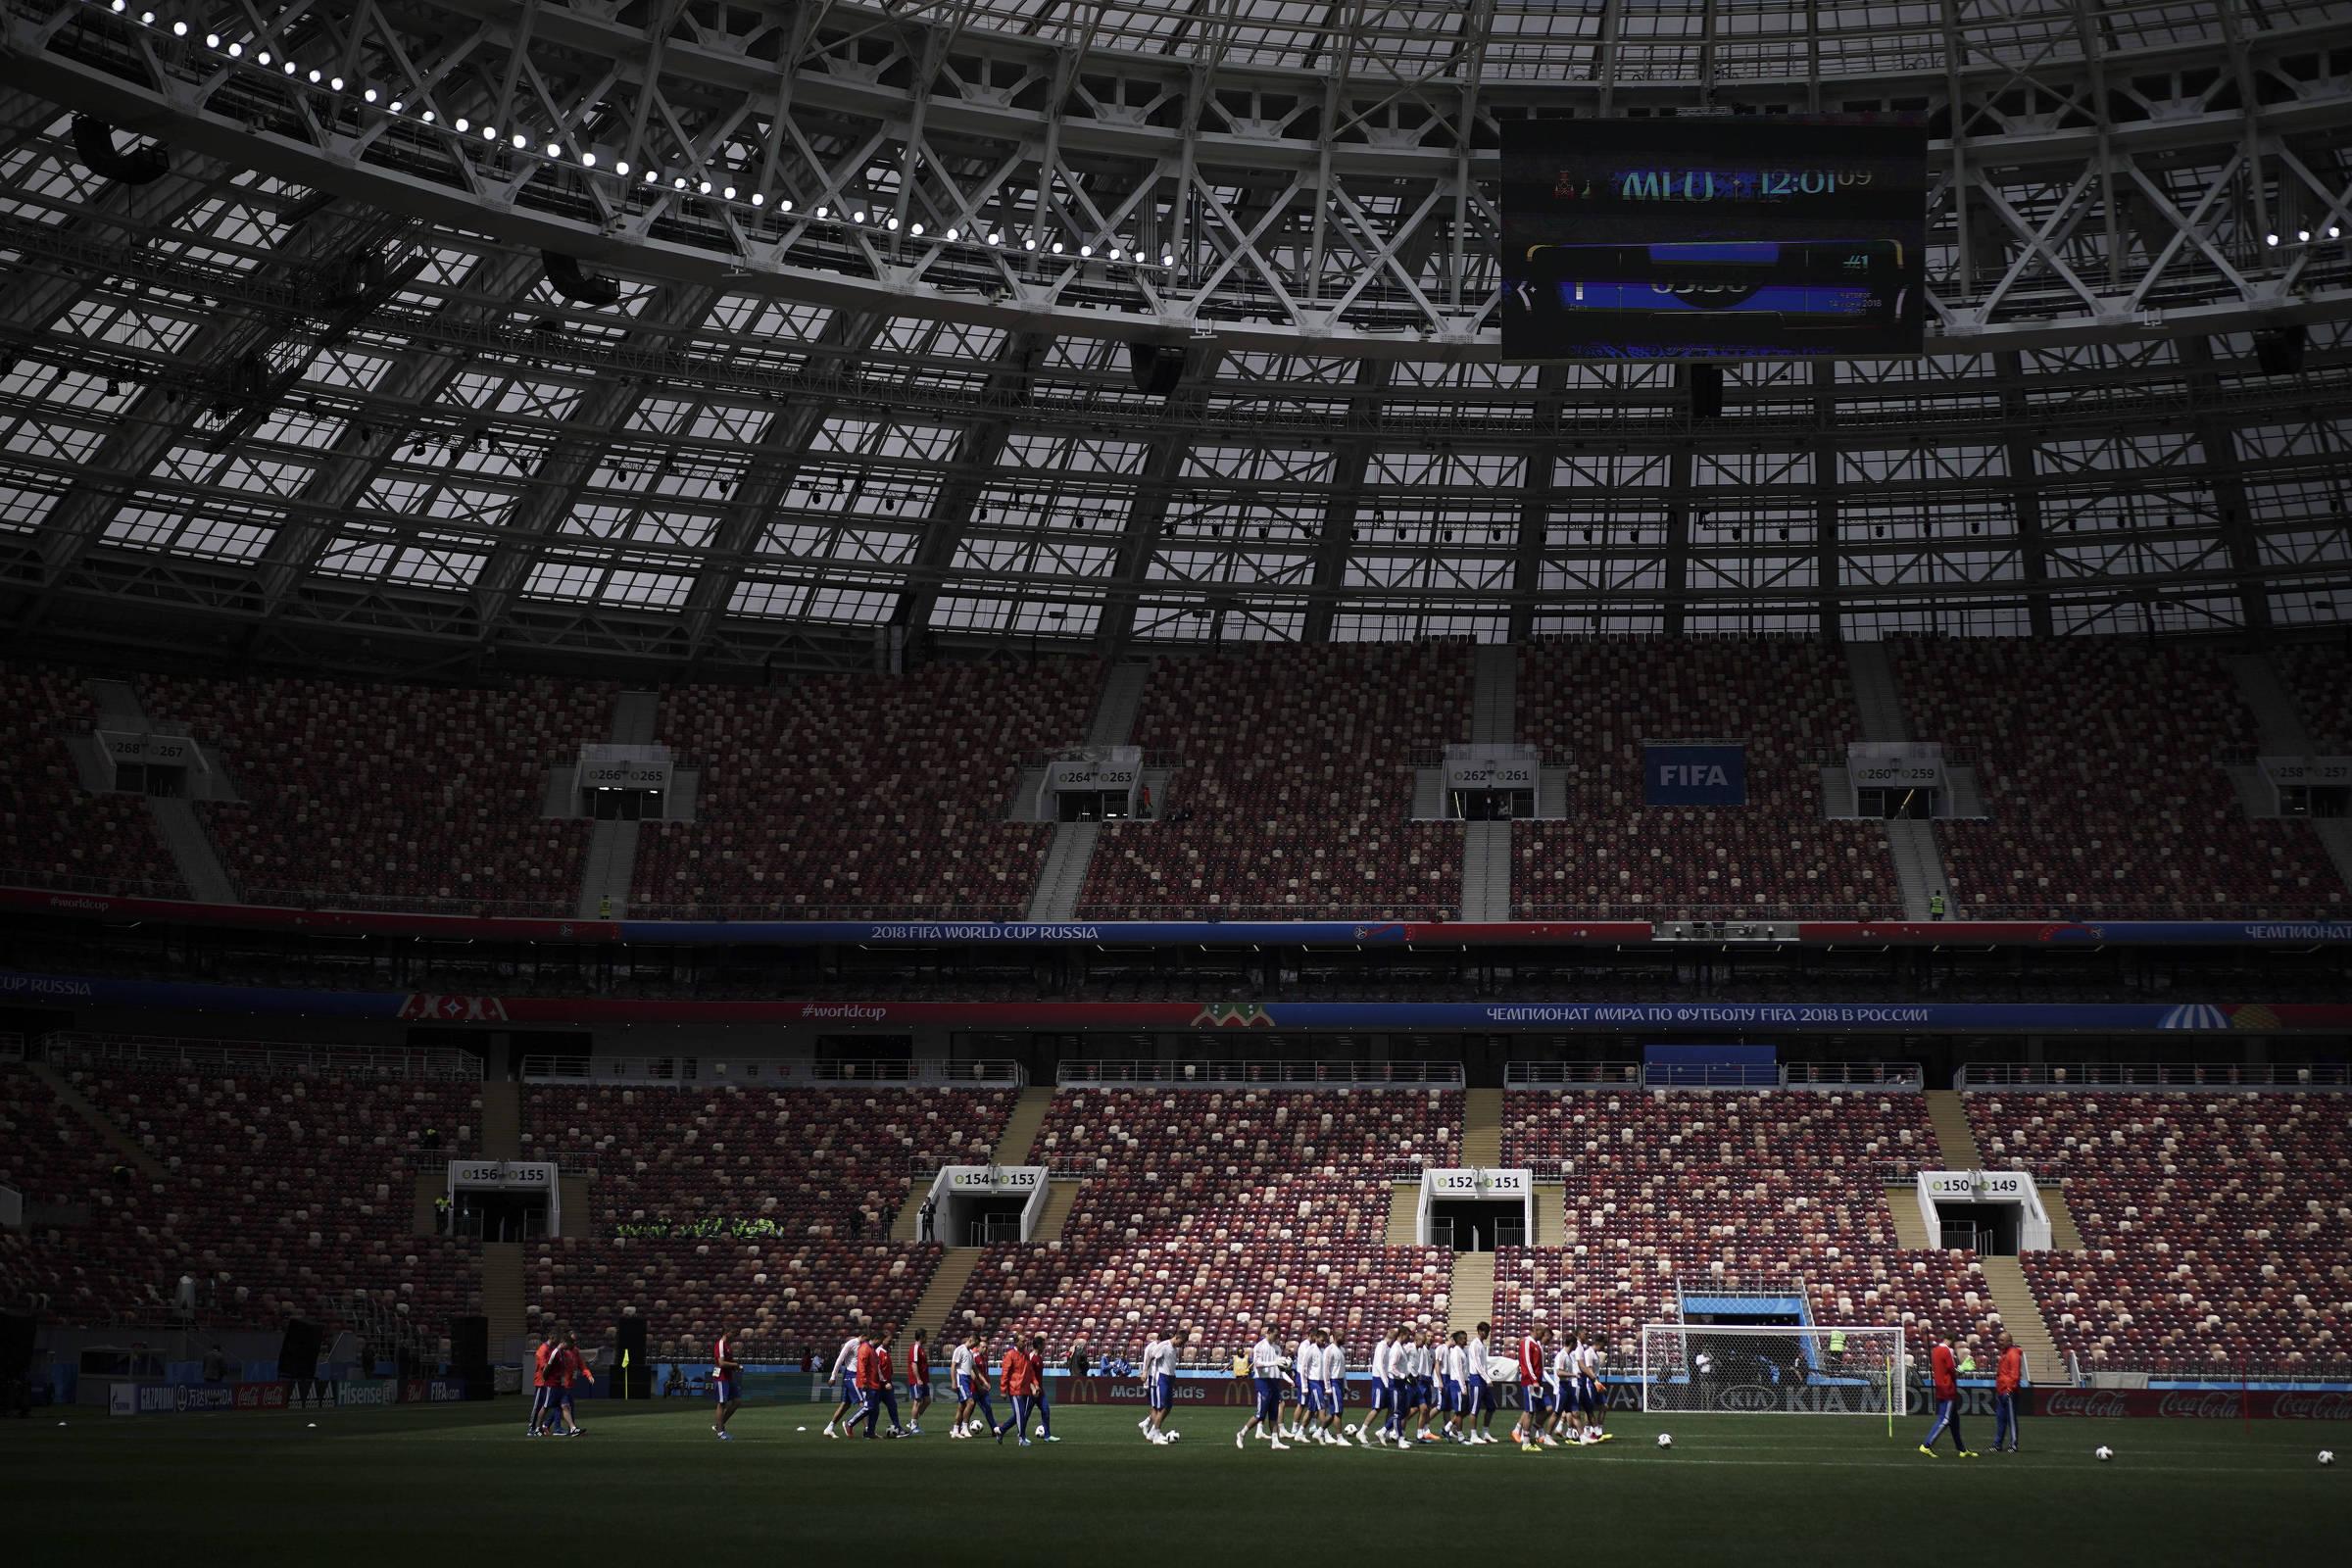 43e68e55a Copa na Rússia começa com pressão política e equilíbrio em campo -  14 06 2018 - Esporte - Folha